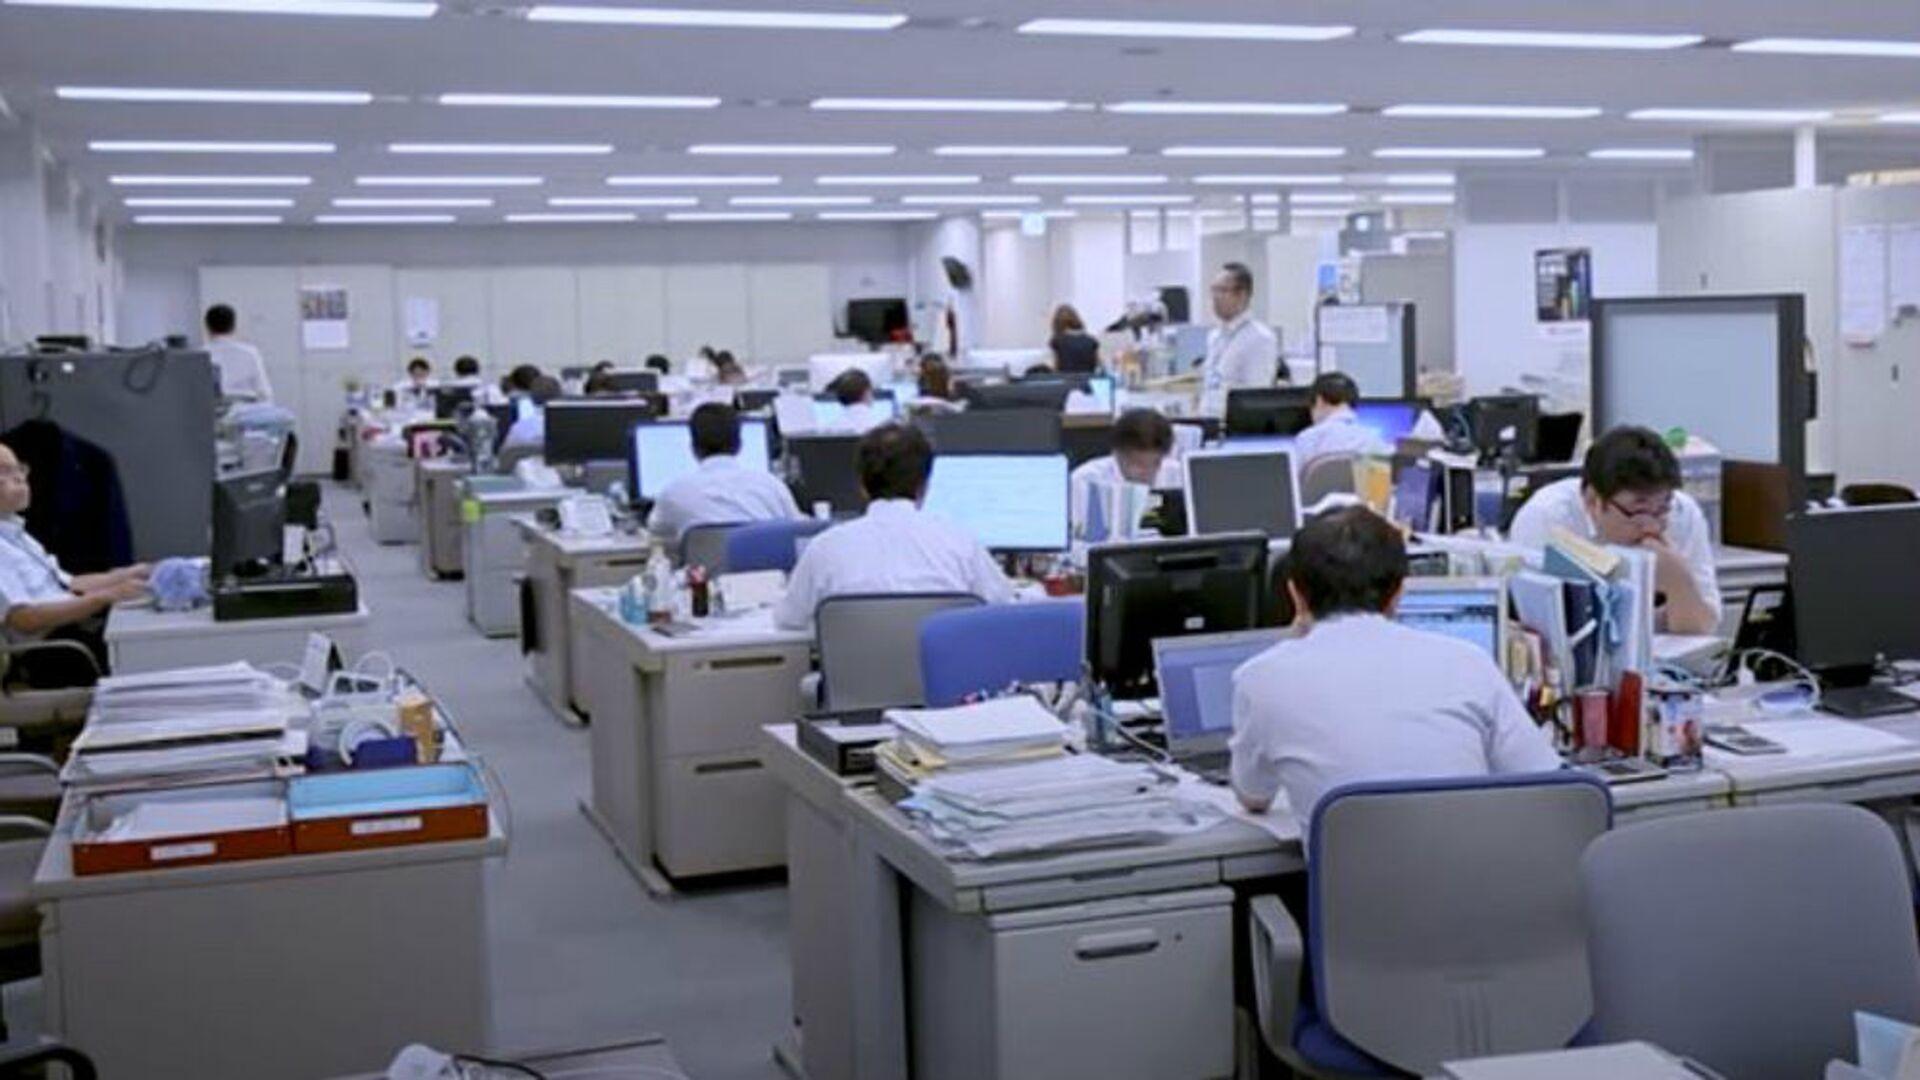 Γραφείο στην Ιαπωνία (φωτ. αρχείου) - Sputnik Ελλάδα, 1920, 07.10.2021